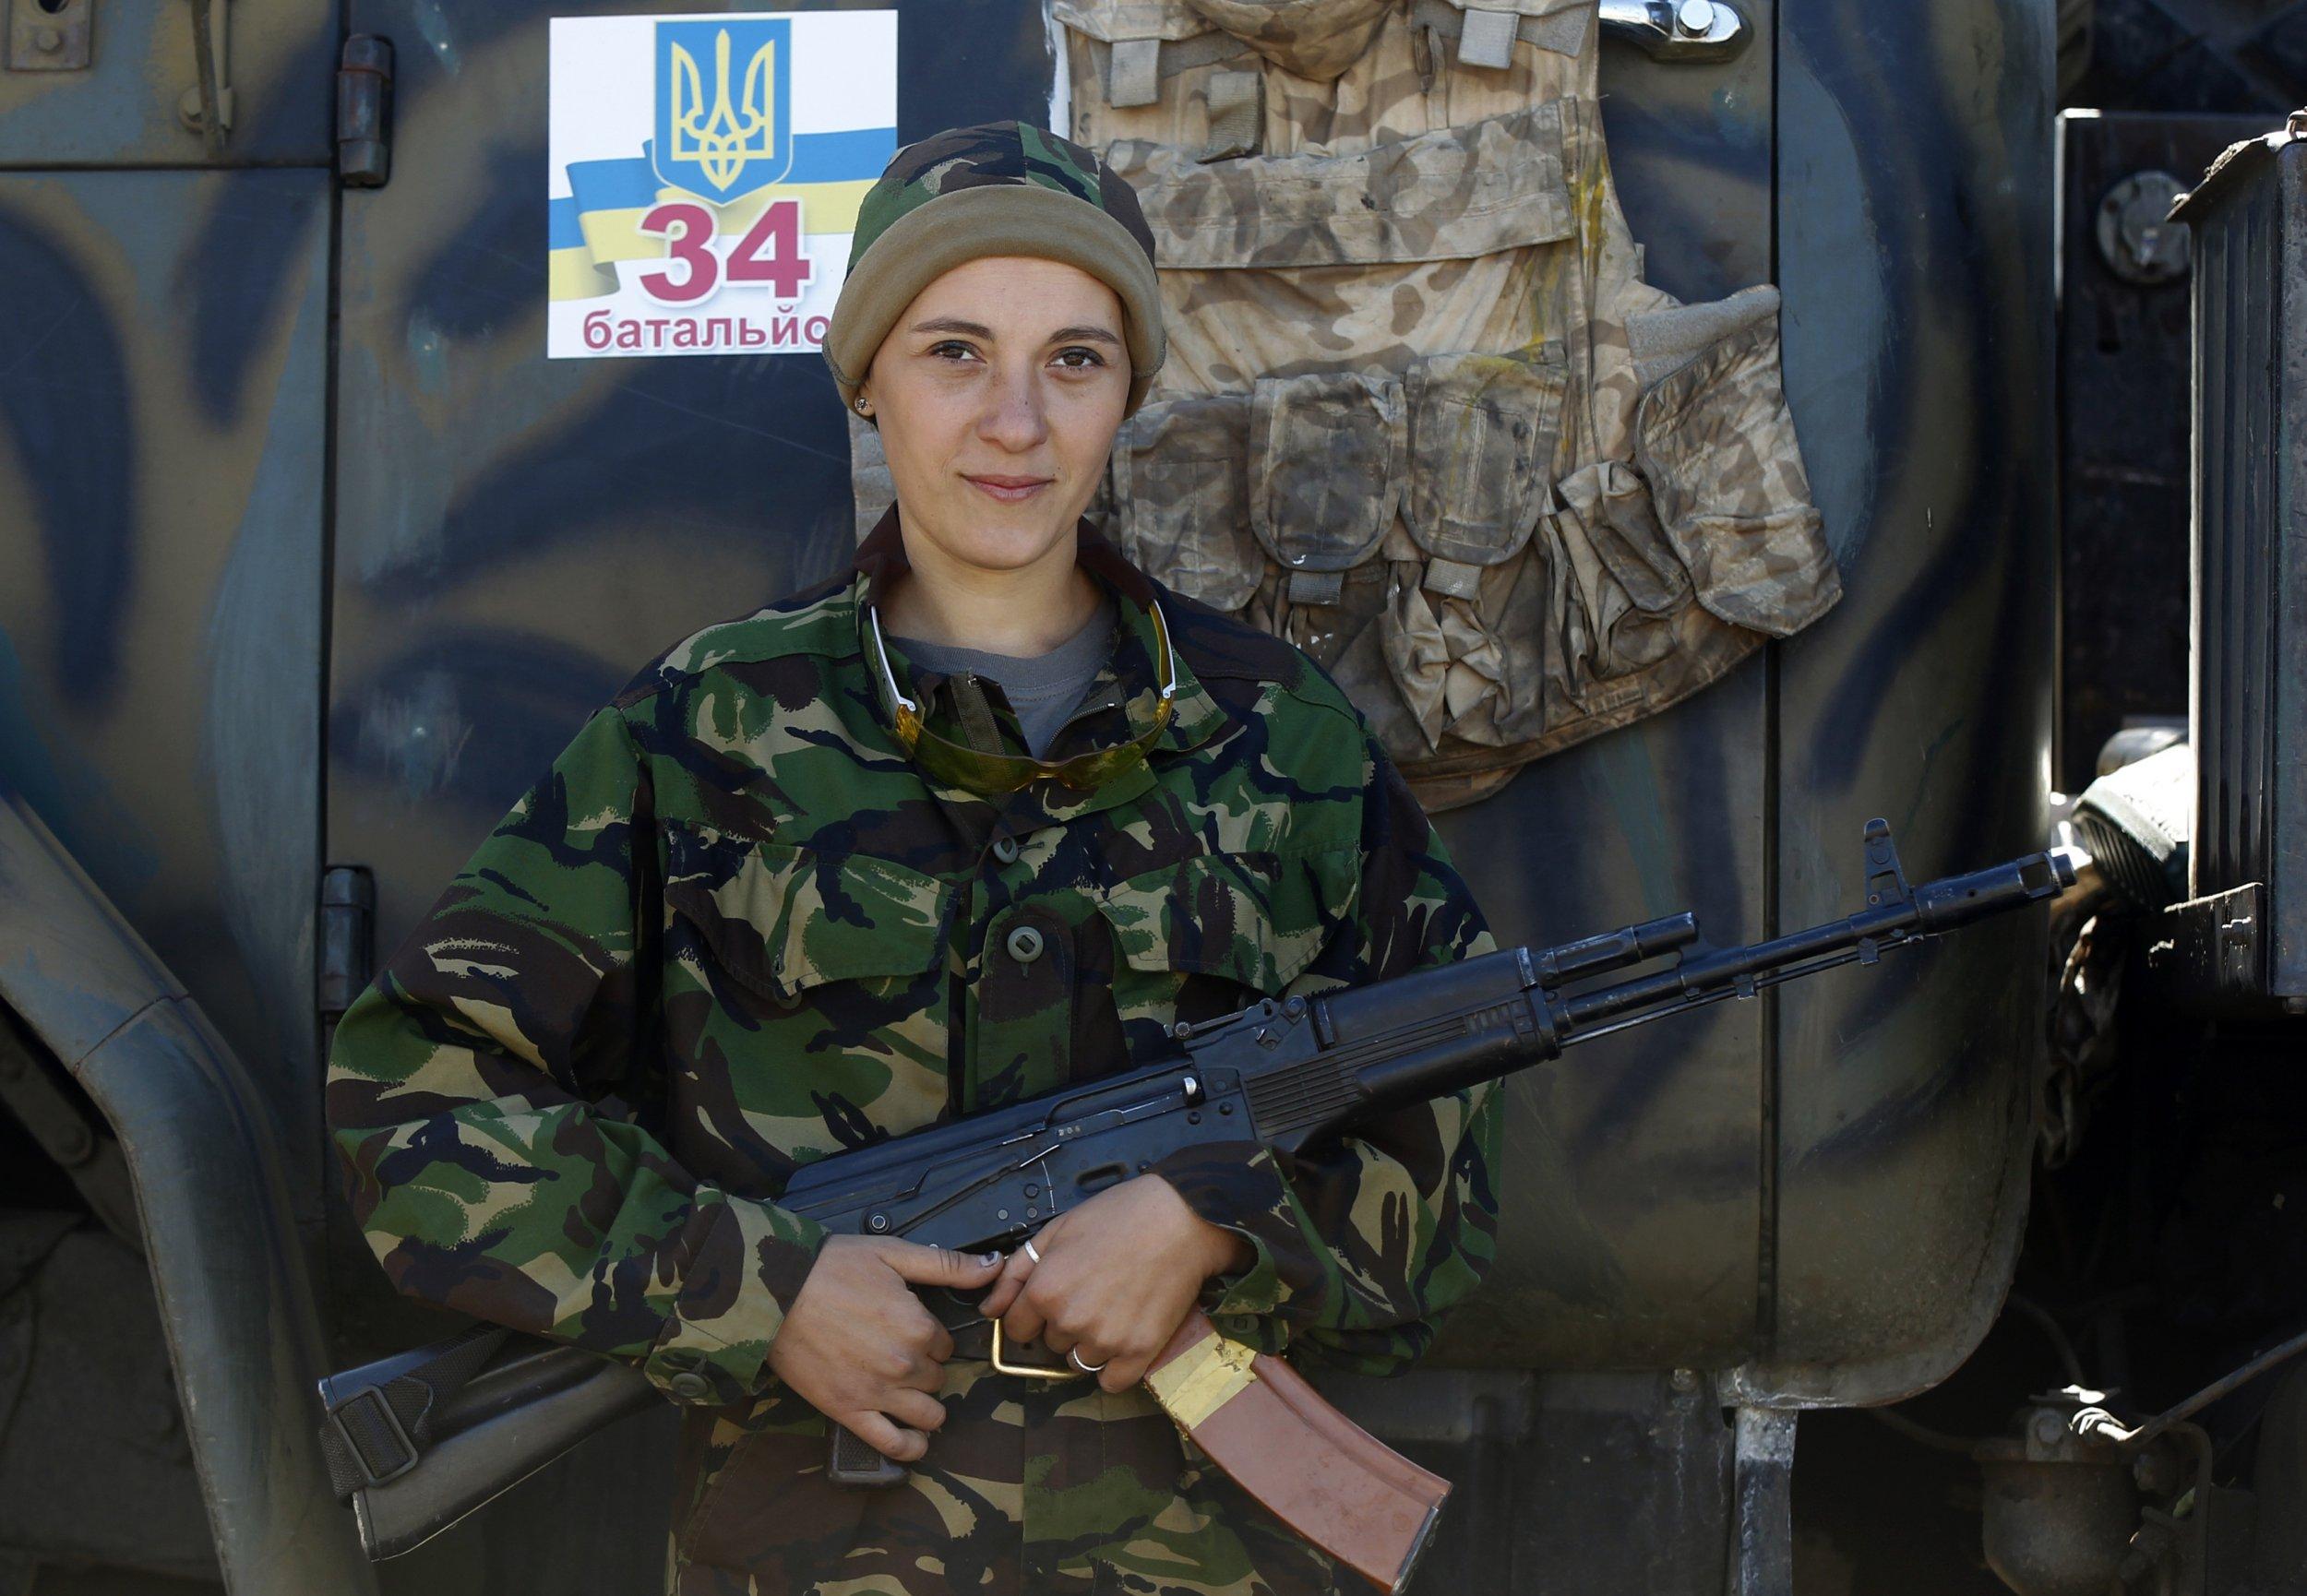 8/14/2015_UkraineServiceWoman